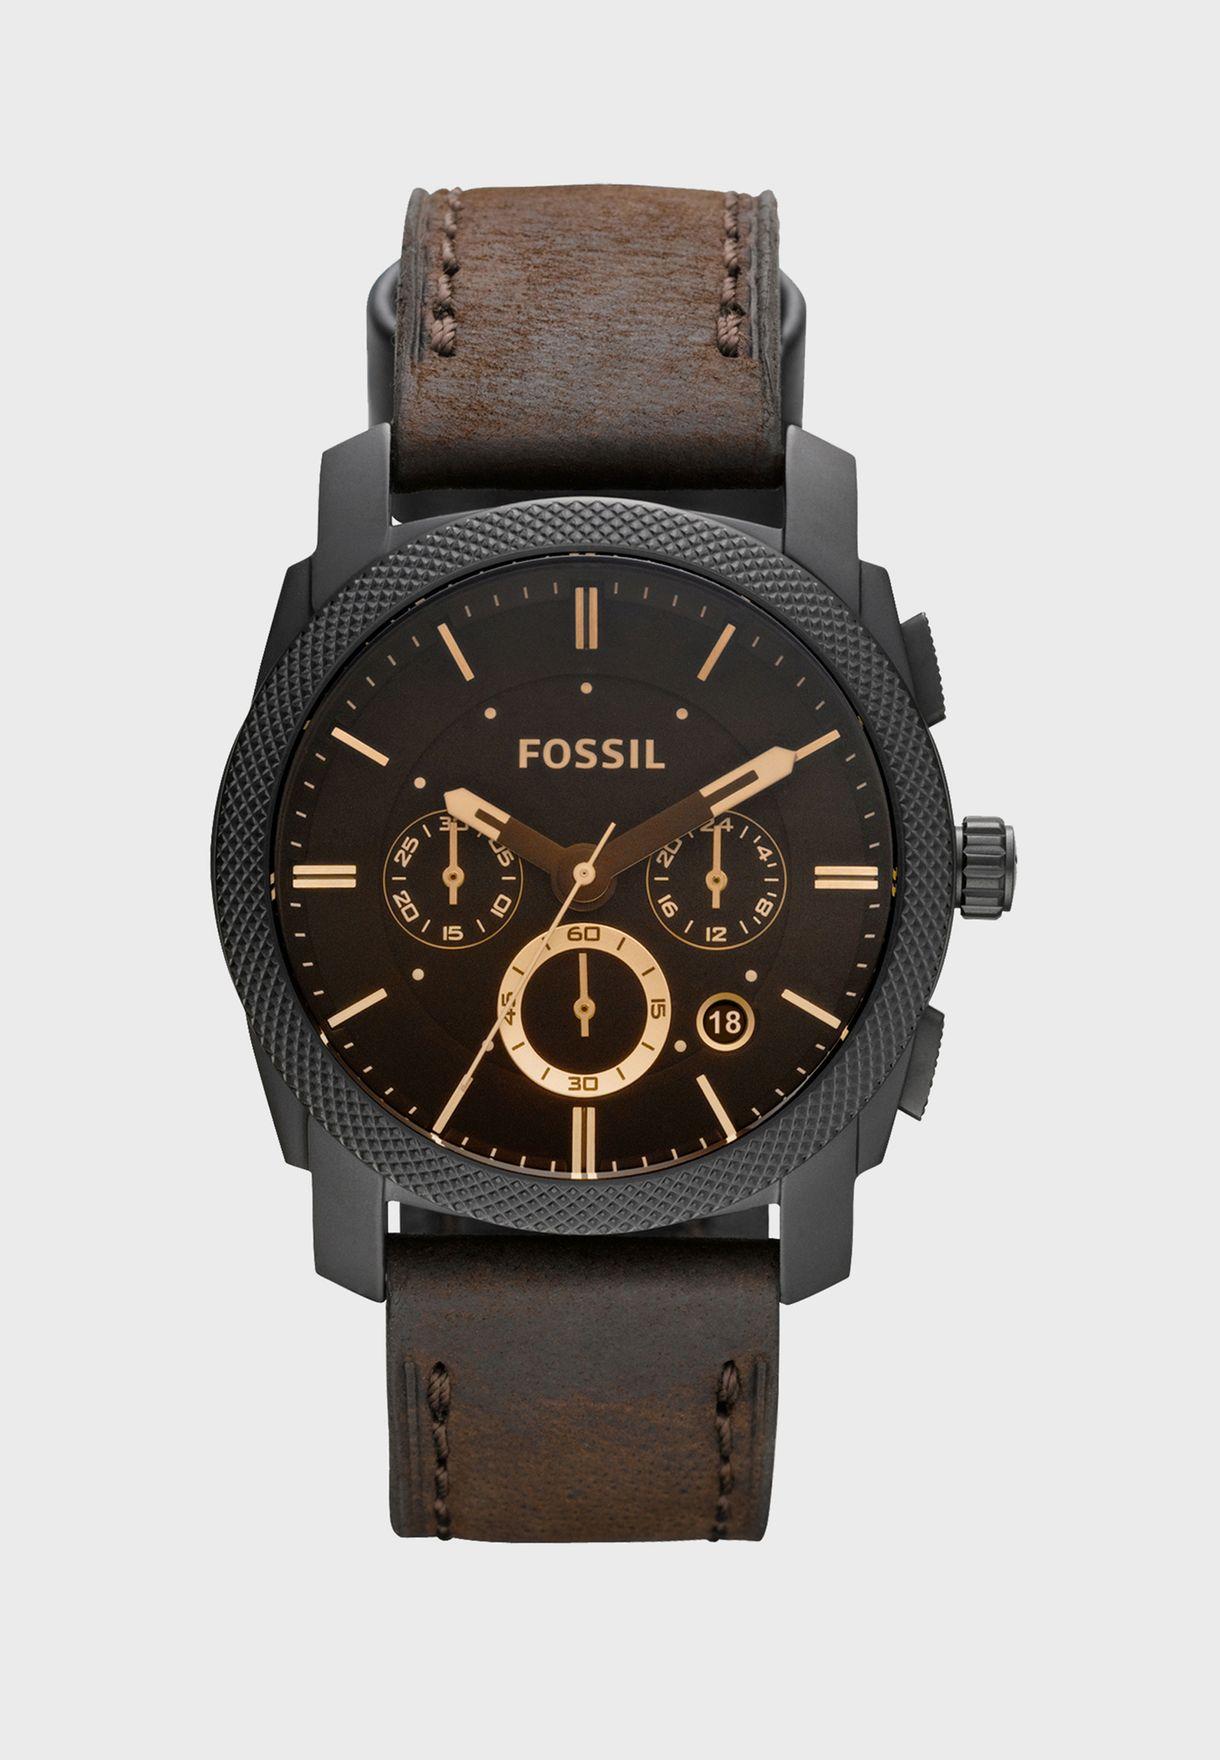 d08b1f62a4d1e تسوق ساعة جلد اصلي ماركة فوسيل لون browns FS4656 في السعودية ...